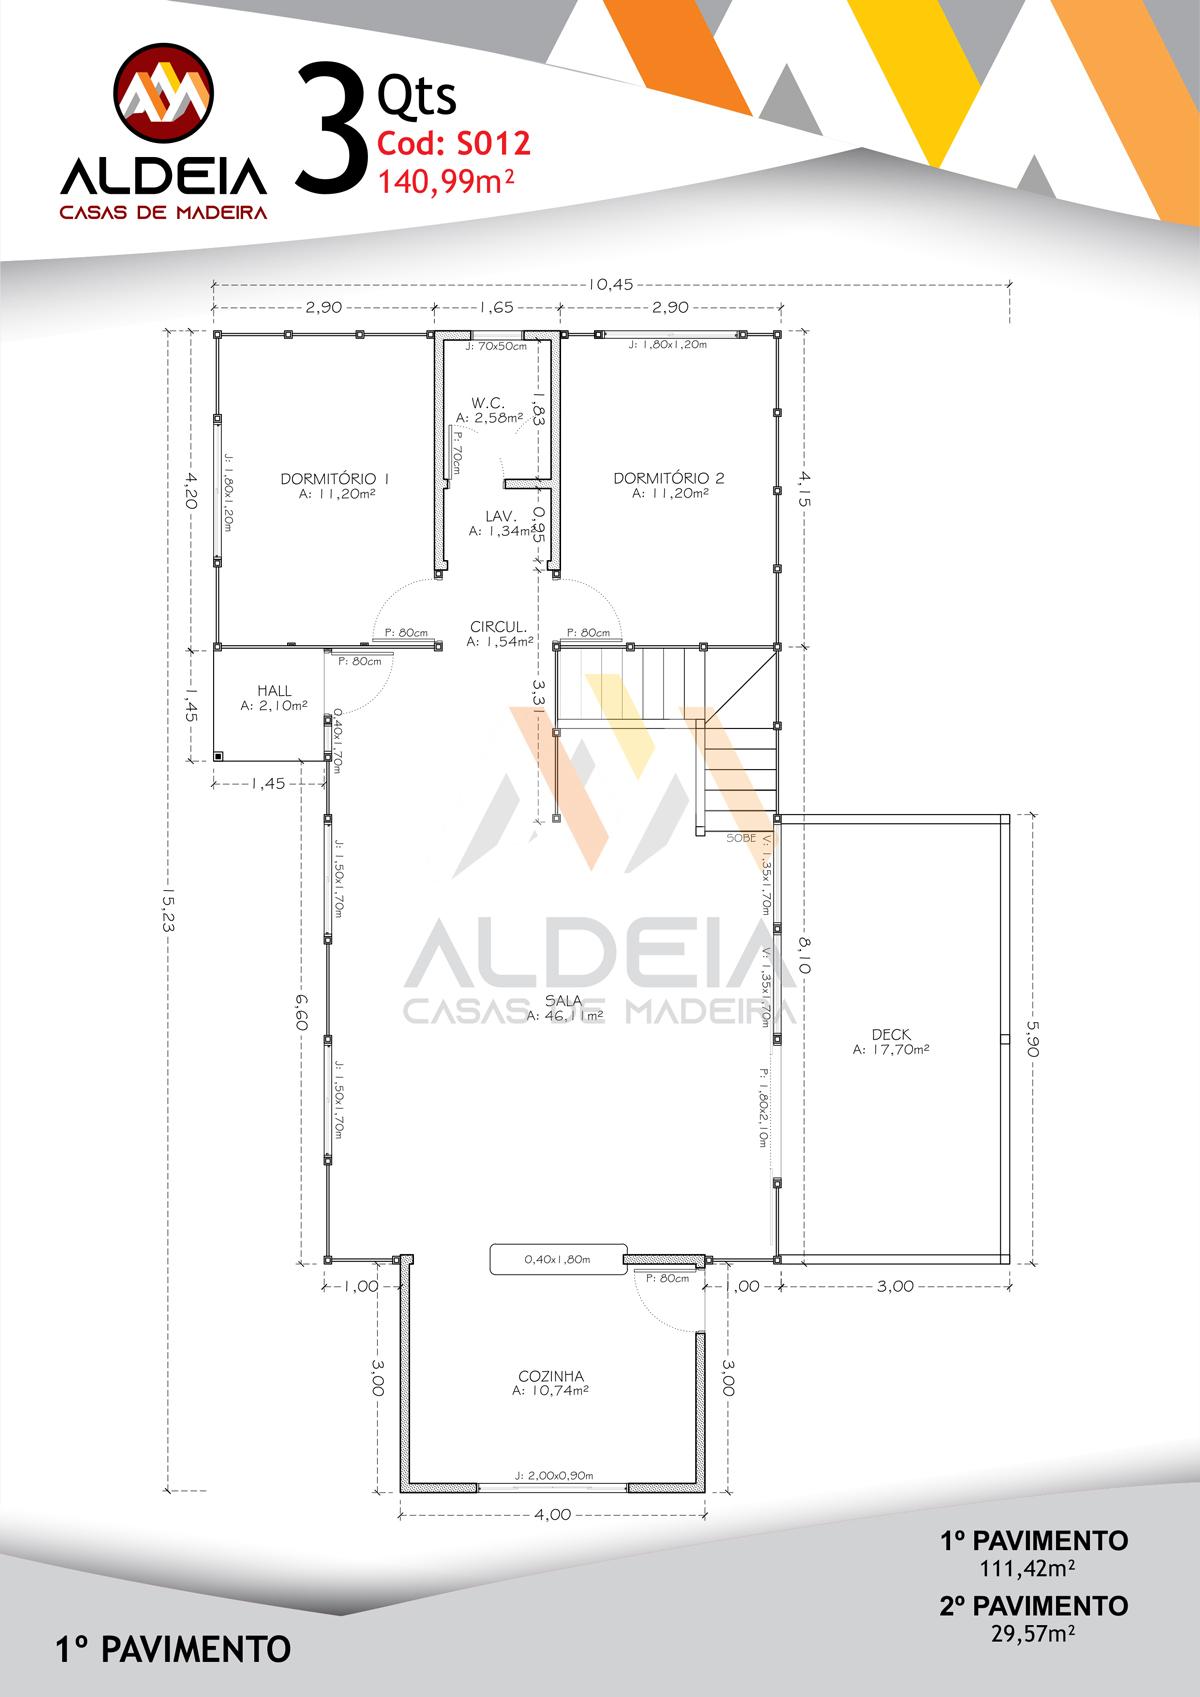 aldeia-casas-madeira-arquitetura-S012-1